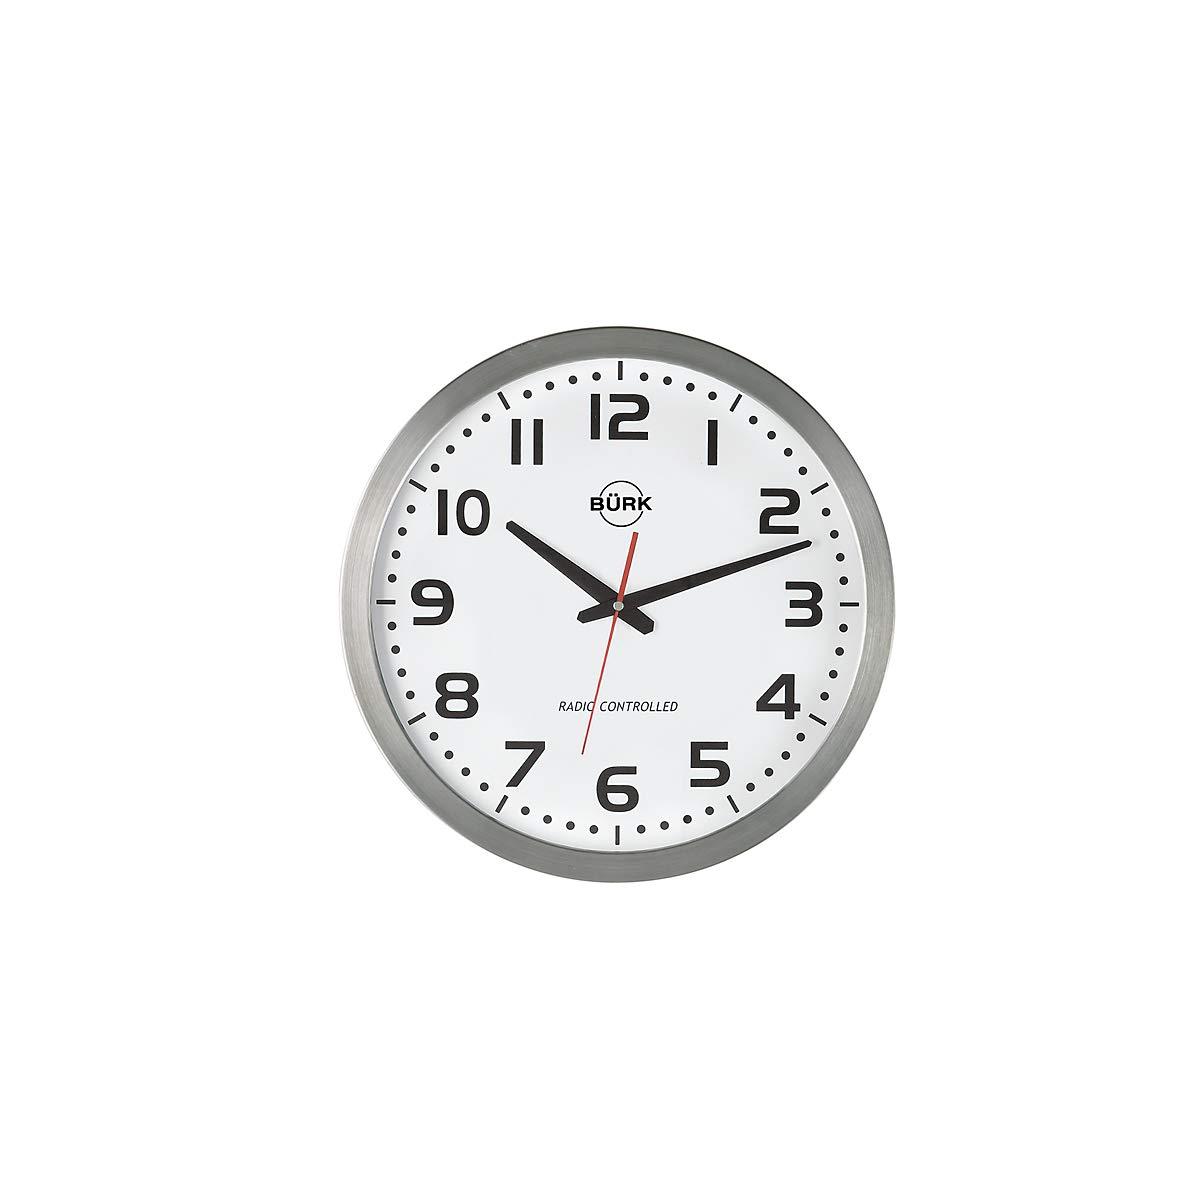 Certeo Quarz-Wanduhr, Durchm. 400 mm, Edelstahlgehäuse, Z iffernblatt weiá, arabische Zahlen, inkl. Batterie